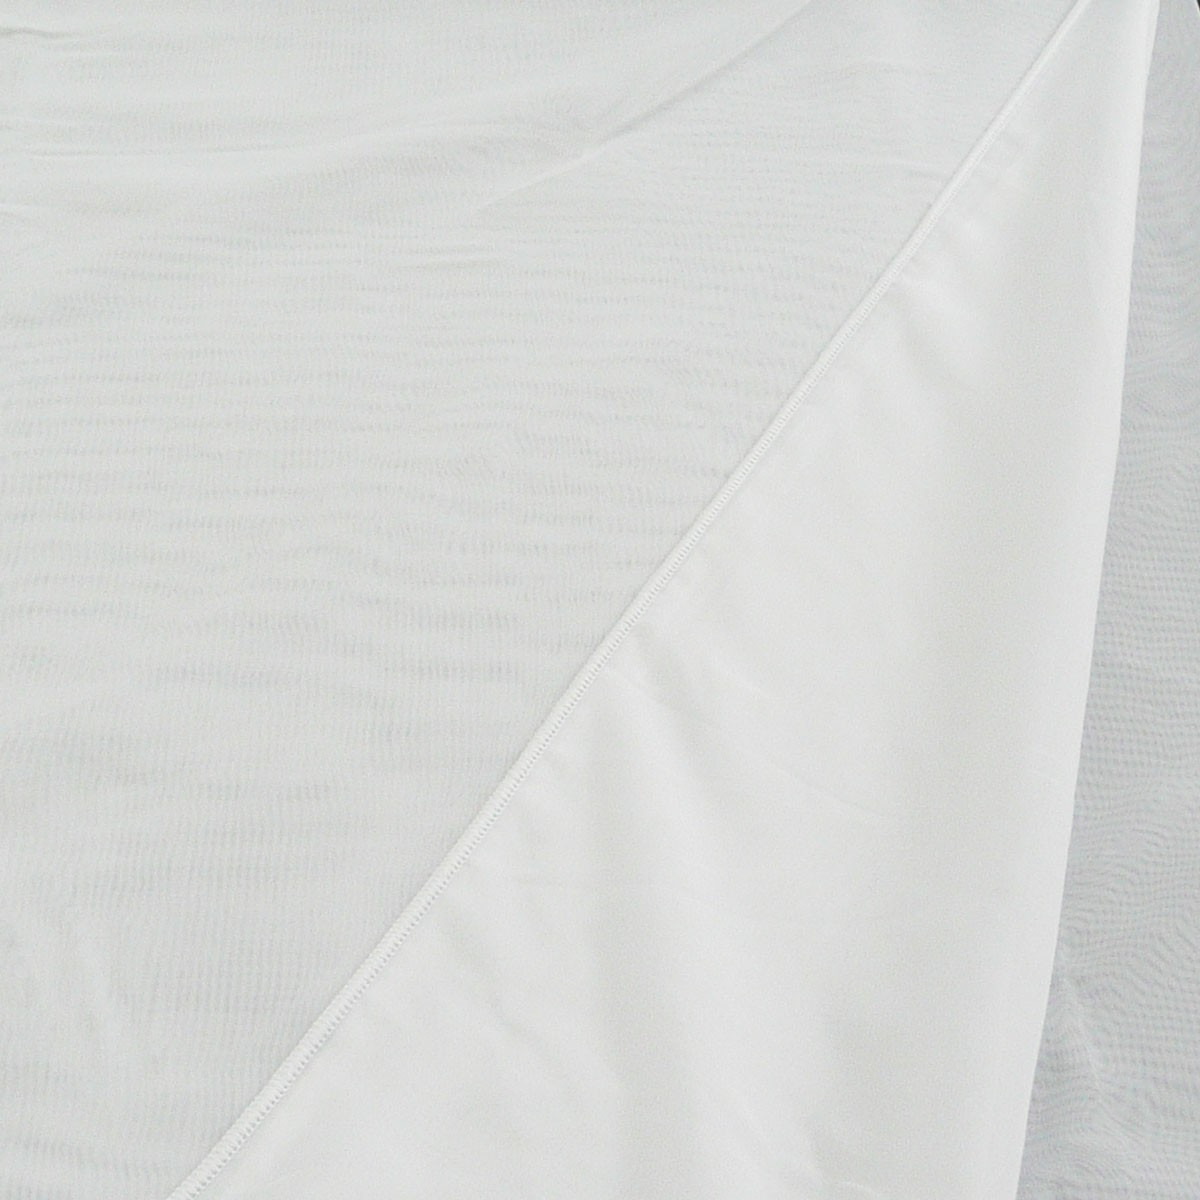 Gardinenstoff Stores Voile uni weiß transparent 2,6m Höhe